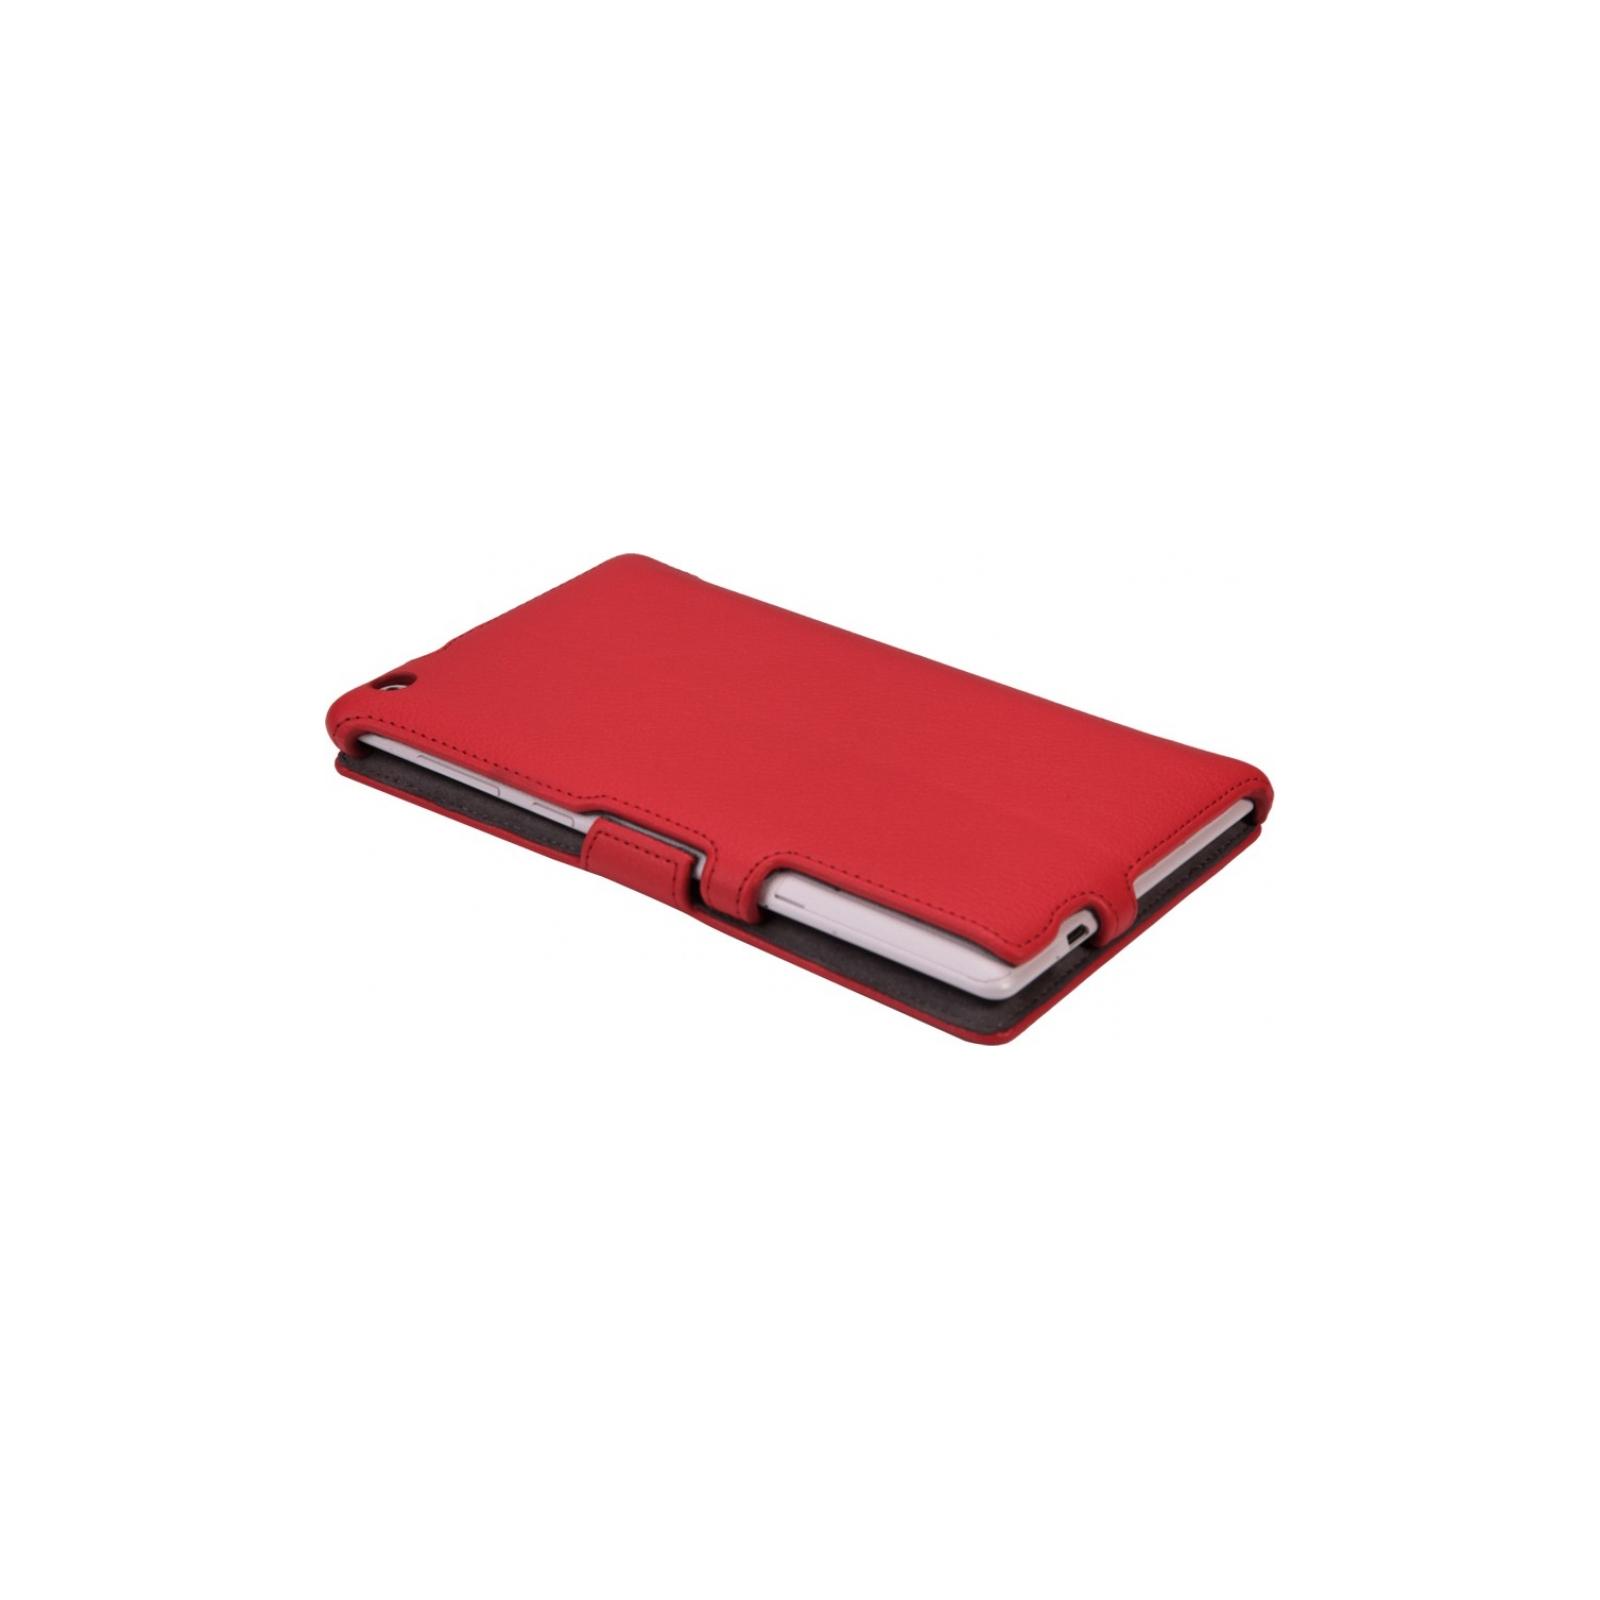 Чехол для планшета AirOn для ASUS ZenPad 7.0 (Z170) (4822352775551) изображение 7